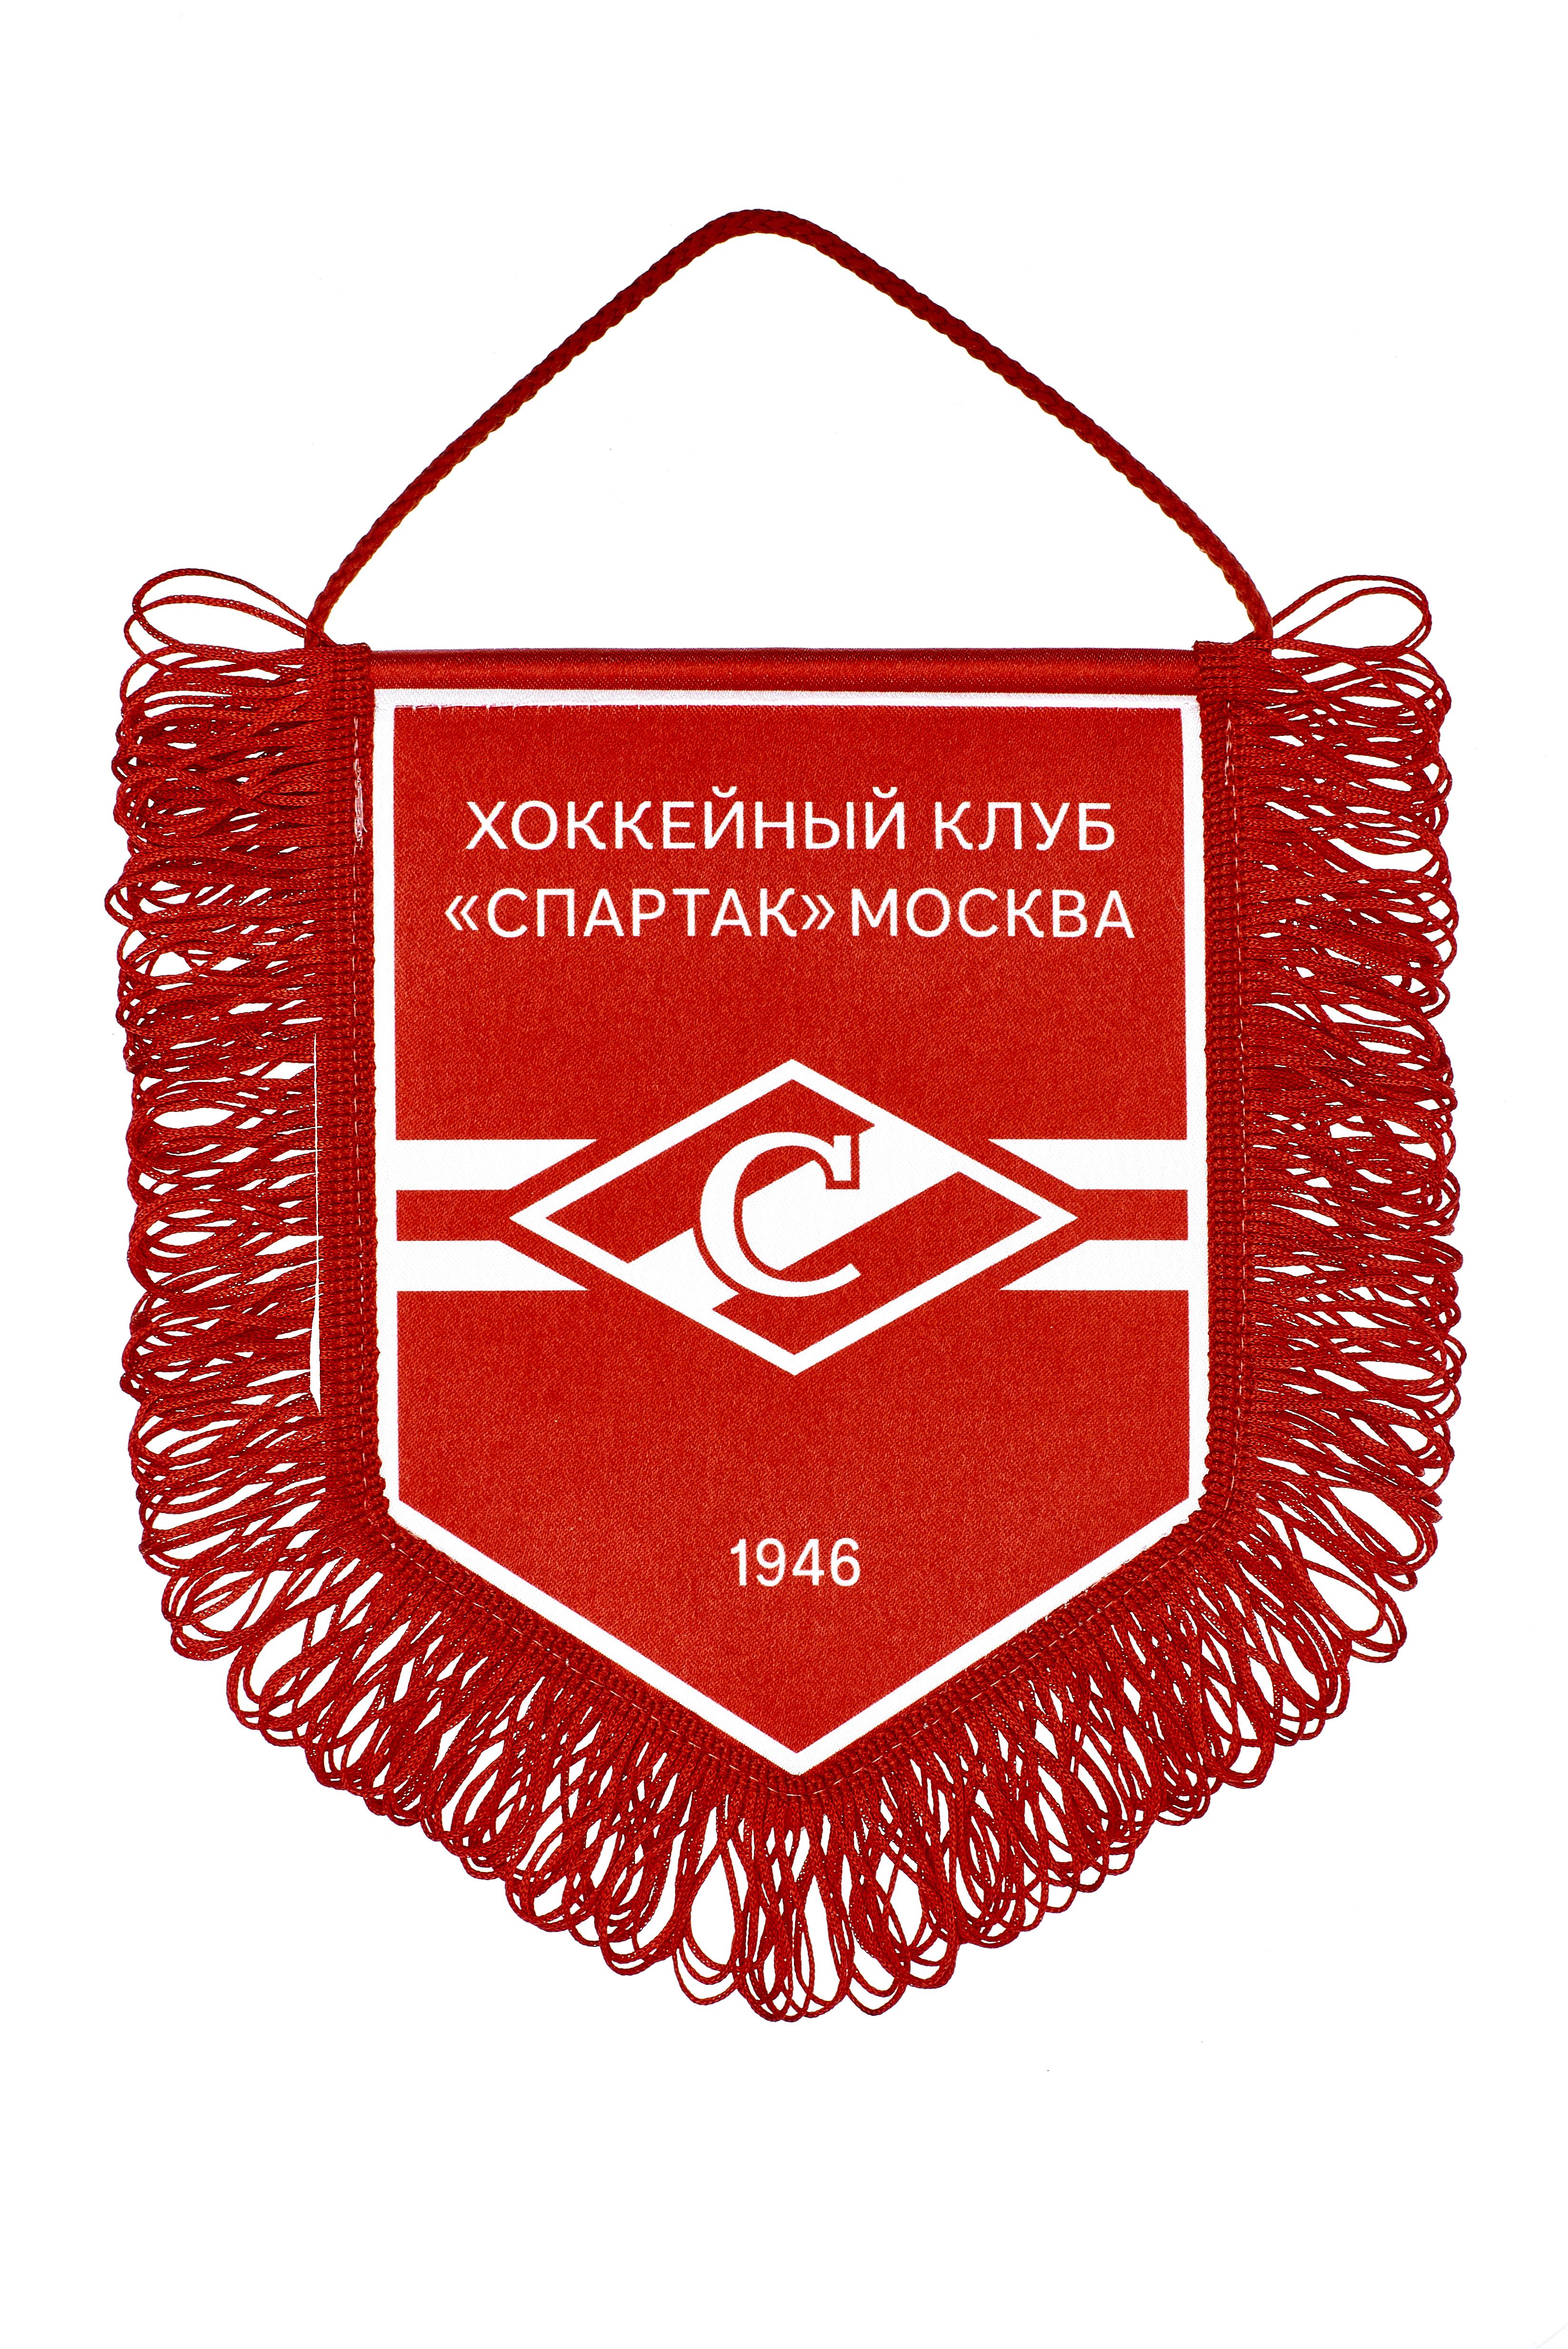 Эмблемы хоккейного клуба спартак москва ночной клуб в москве большой